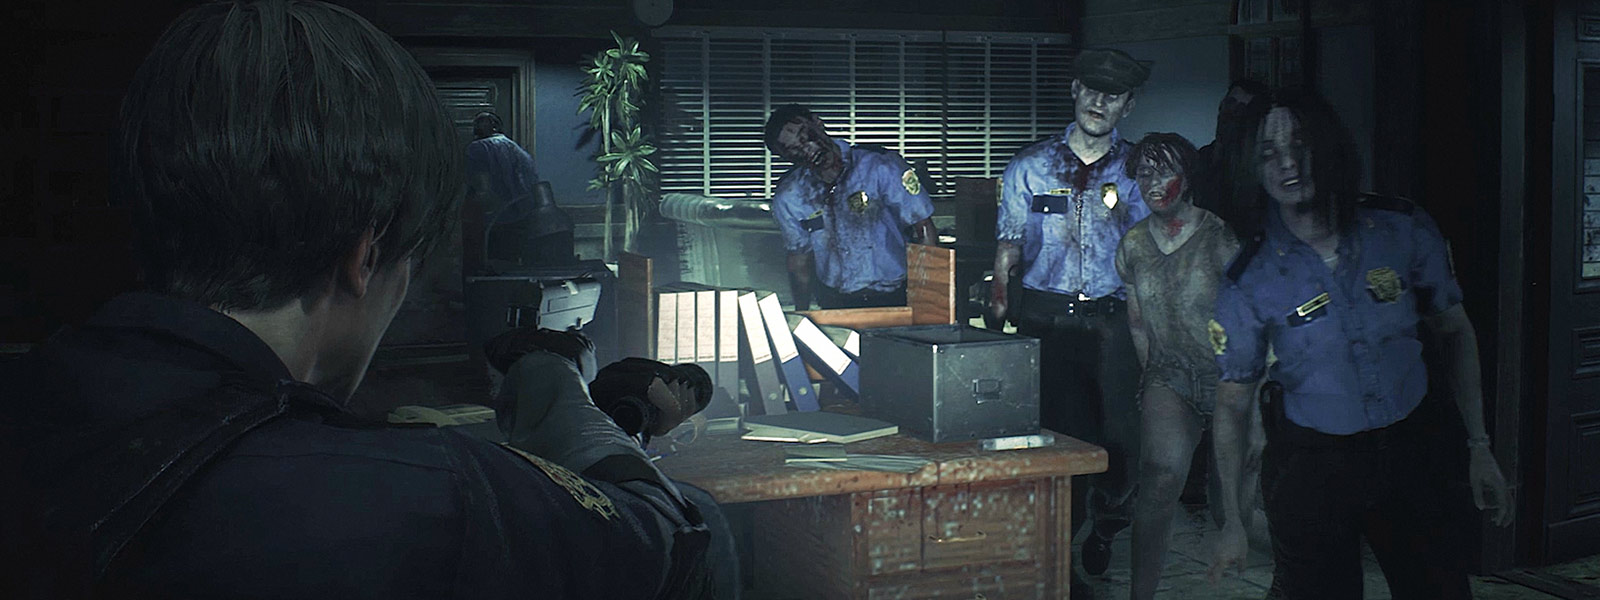 En grupp zombies går mot Leon Kennedy i ett kontor på en polisstation